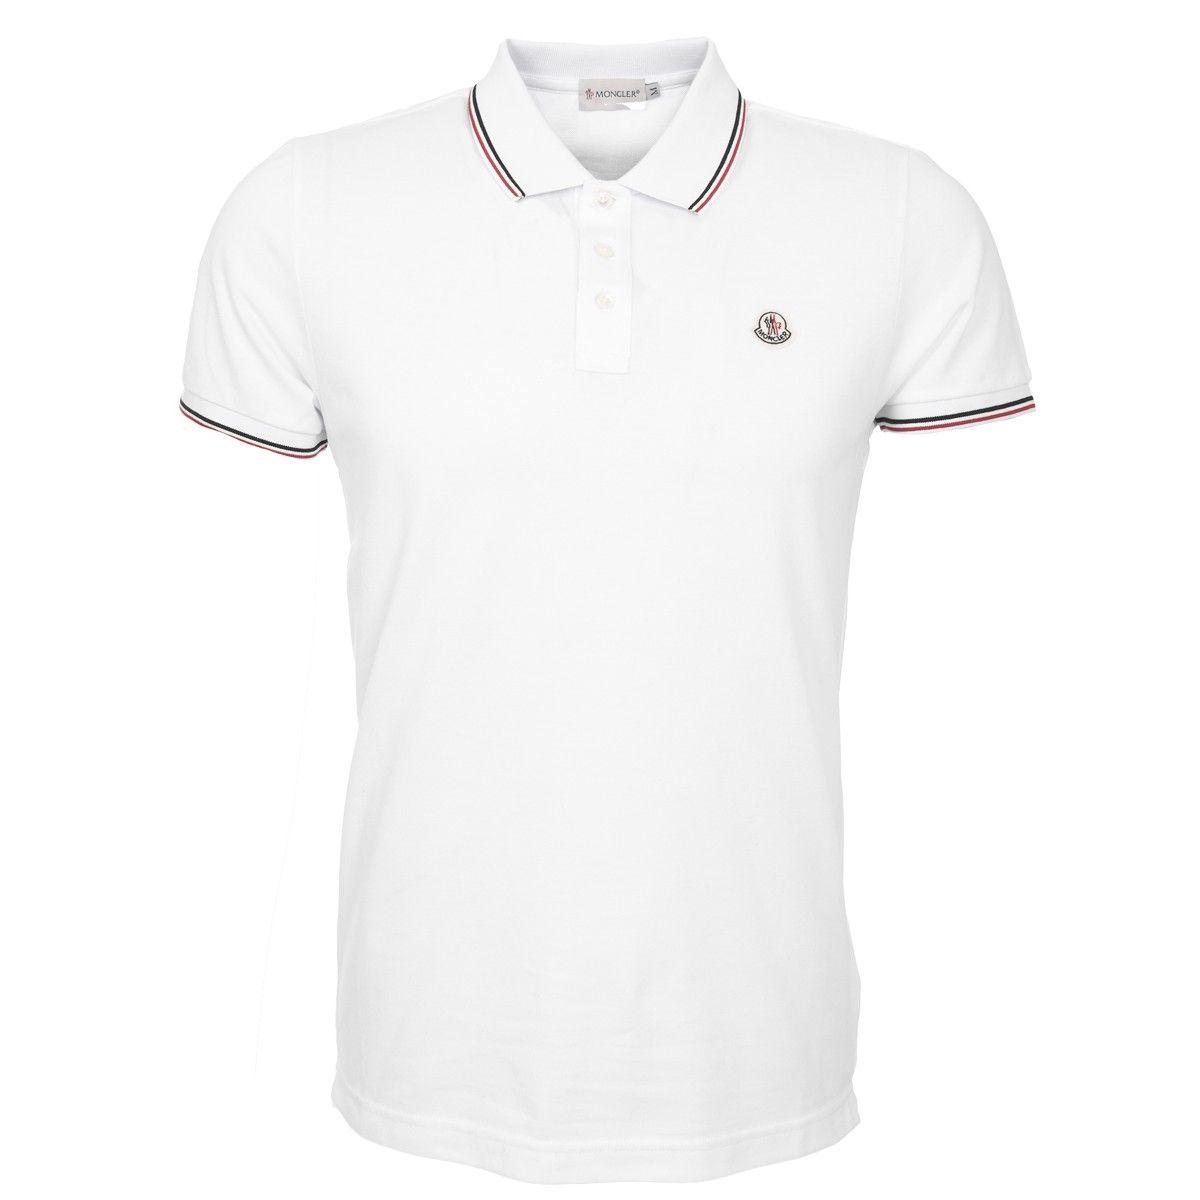 buy popular 014fc 9f068 Poloshirt mit Tricolorekragen in Weiß | Moncler - Männer ...